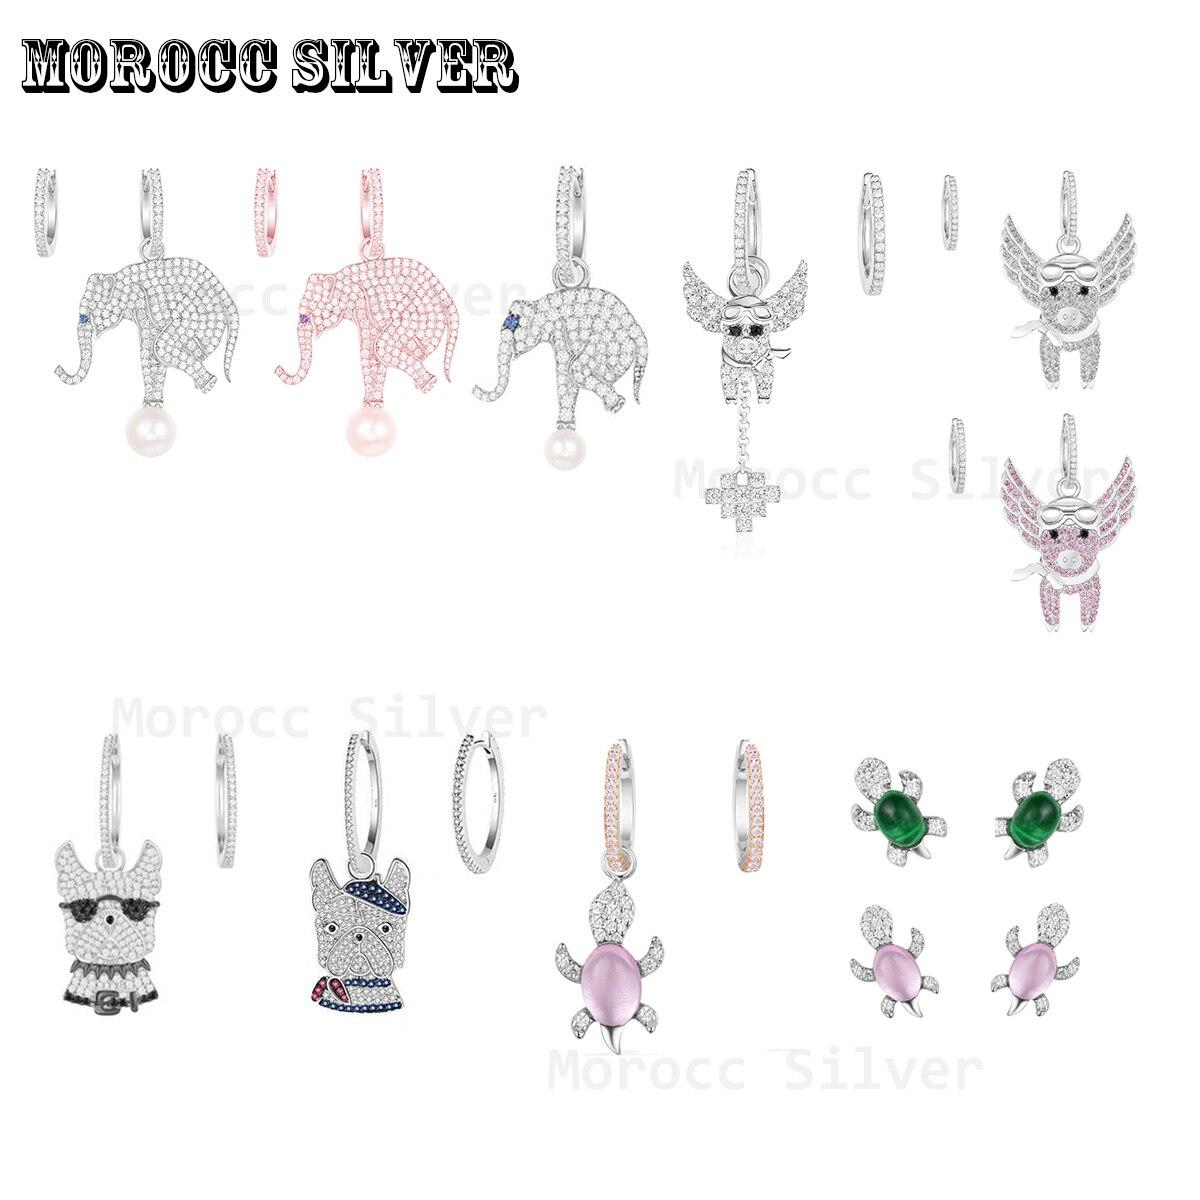 s925-серебро-1-1-имитация-жемчуг-С-Рисунком-Слона-и-прыгающей-свинья-серьги-с-дизайном-«Черепаха»-модные-роскошные-женские-серьги-Монако-юве